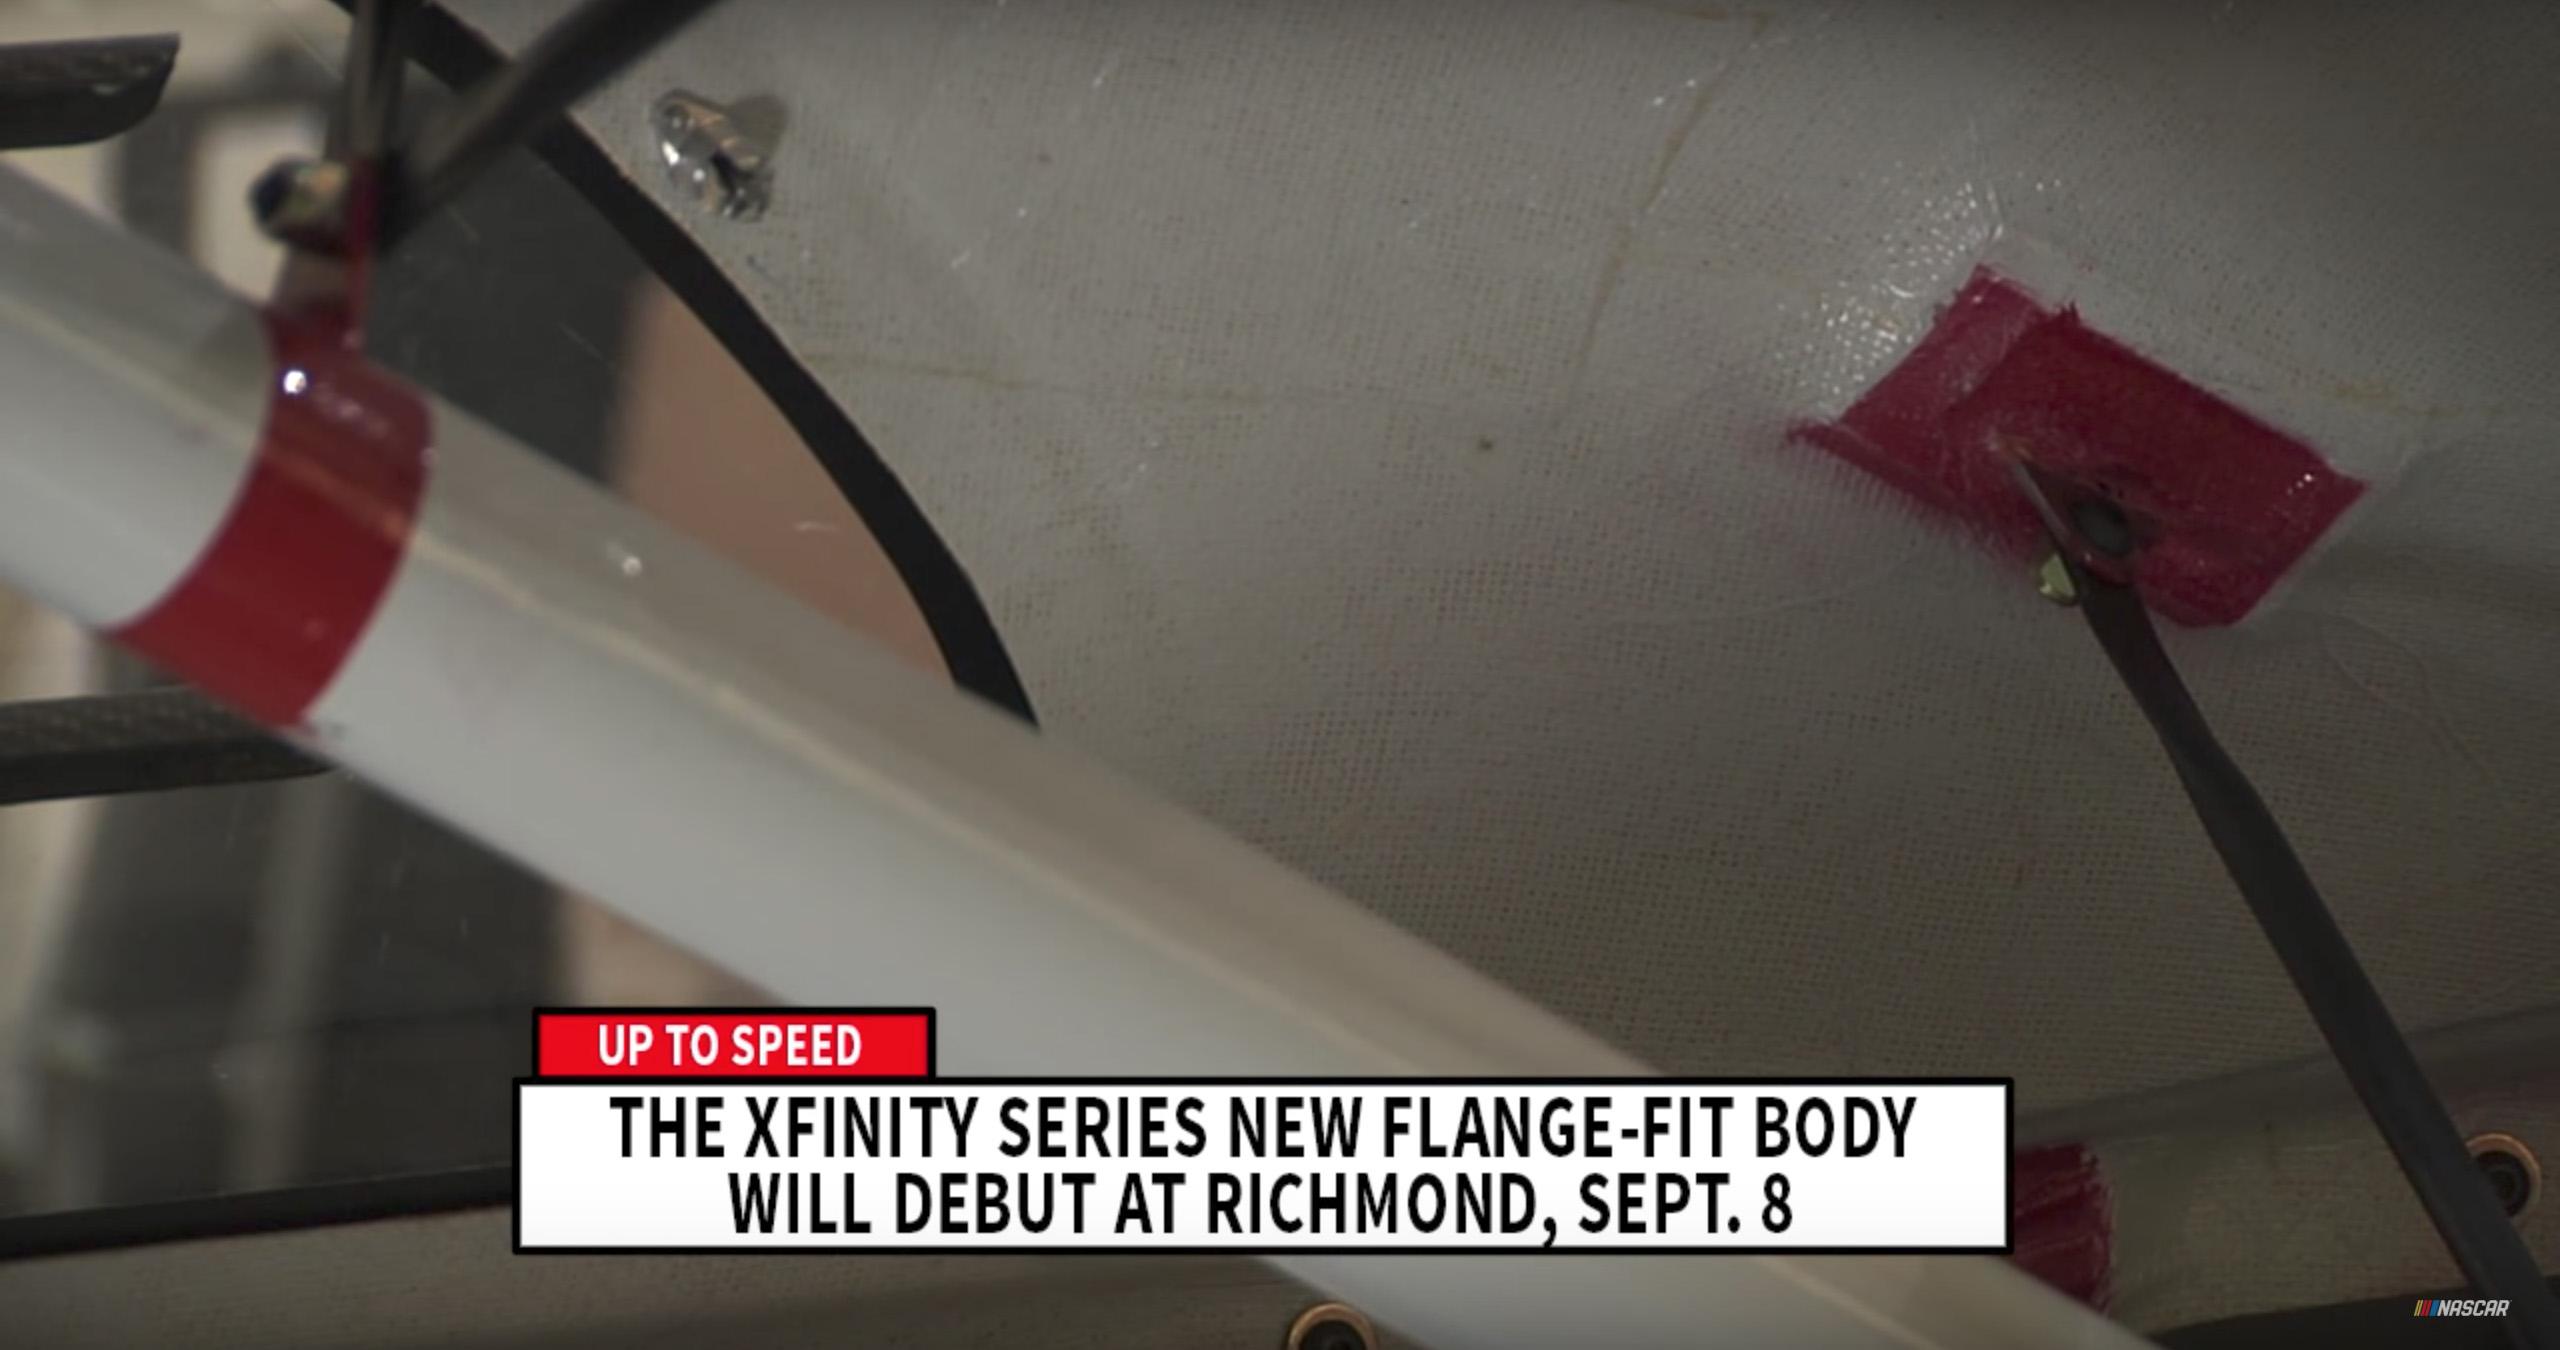 NASCAR flange-fit body mounts